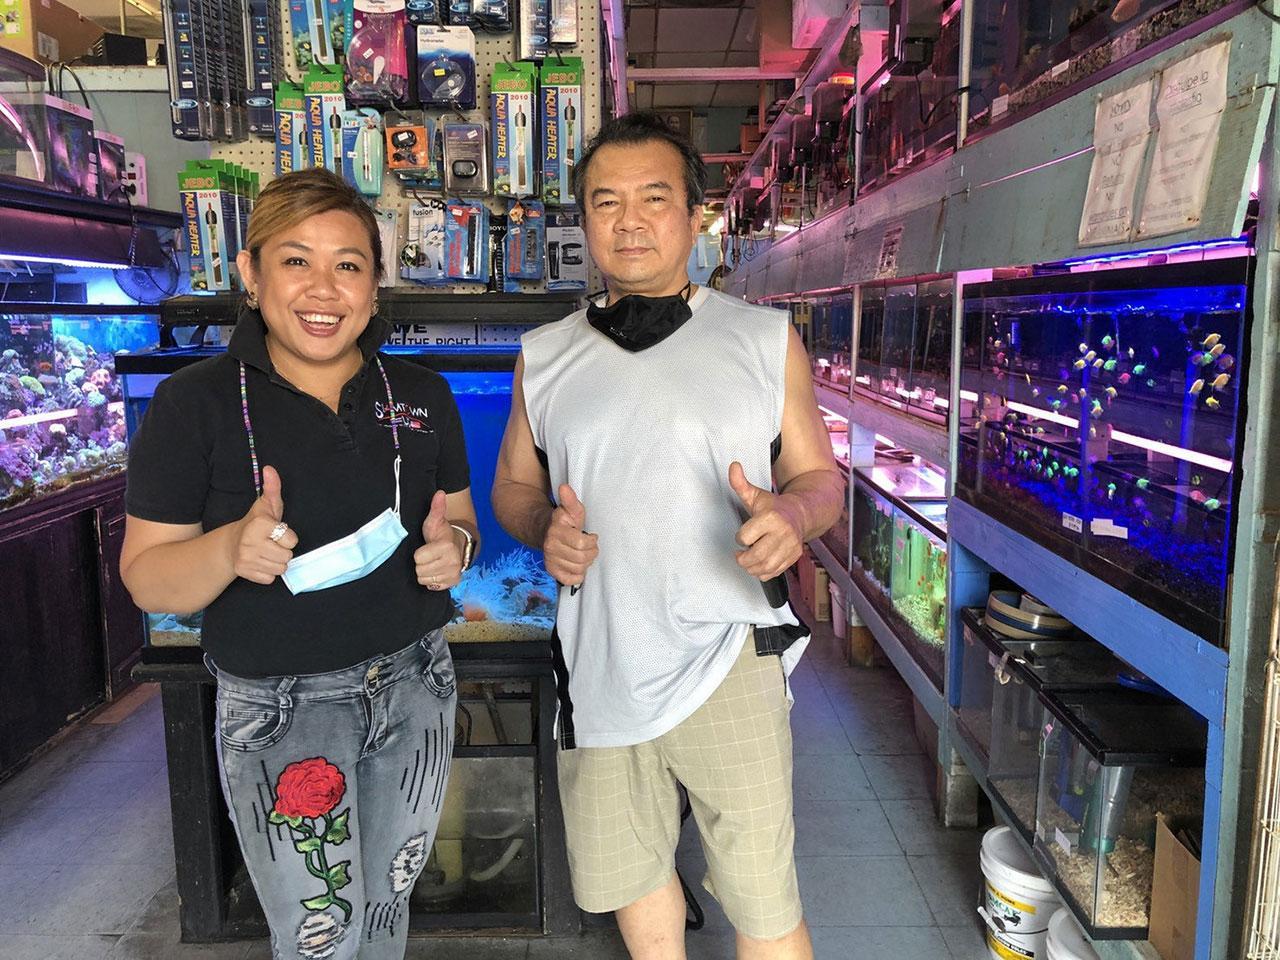 ขายปลาสวย อนันต์ เจ้าของร้านขายปลาสวยงามราคากันเอง เปิดให้บริการมากว่า 24 ปี อยู่บนถนนซานตามอนิกา แอล.เอ. สหรัฐฯ มีทั้งปลาน้ำจืด ปลาน้ำเค็มจากไทย มาเลเซีย สิงคโปร์.